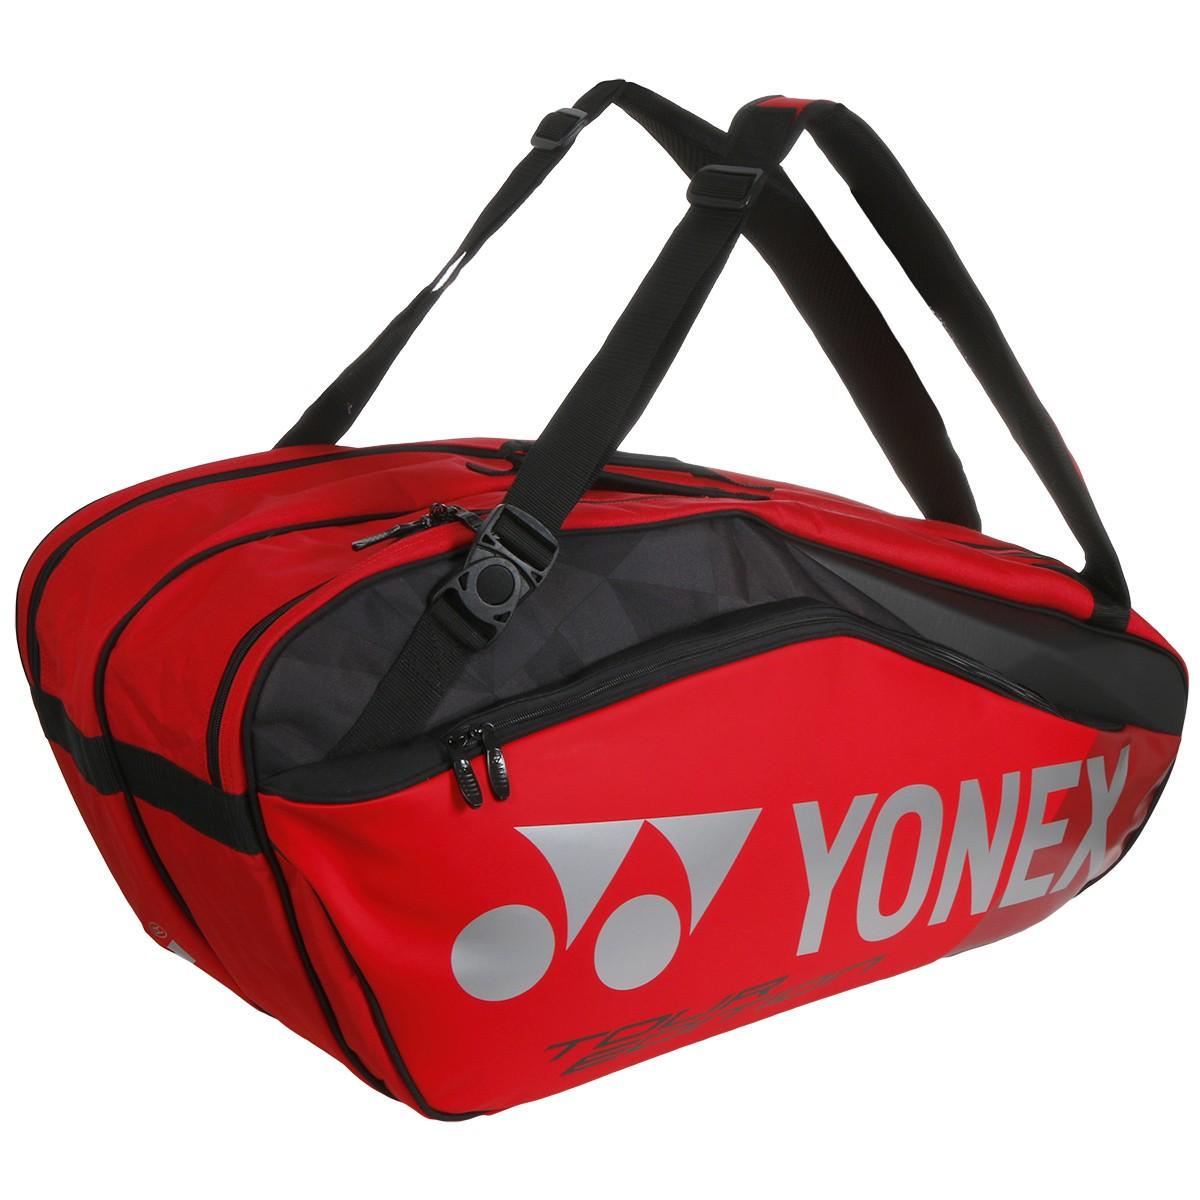 Sac de tennis yonex pro 9826ex 6r